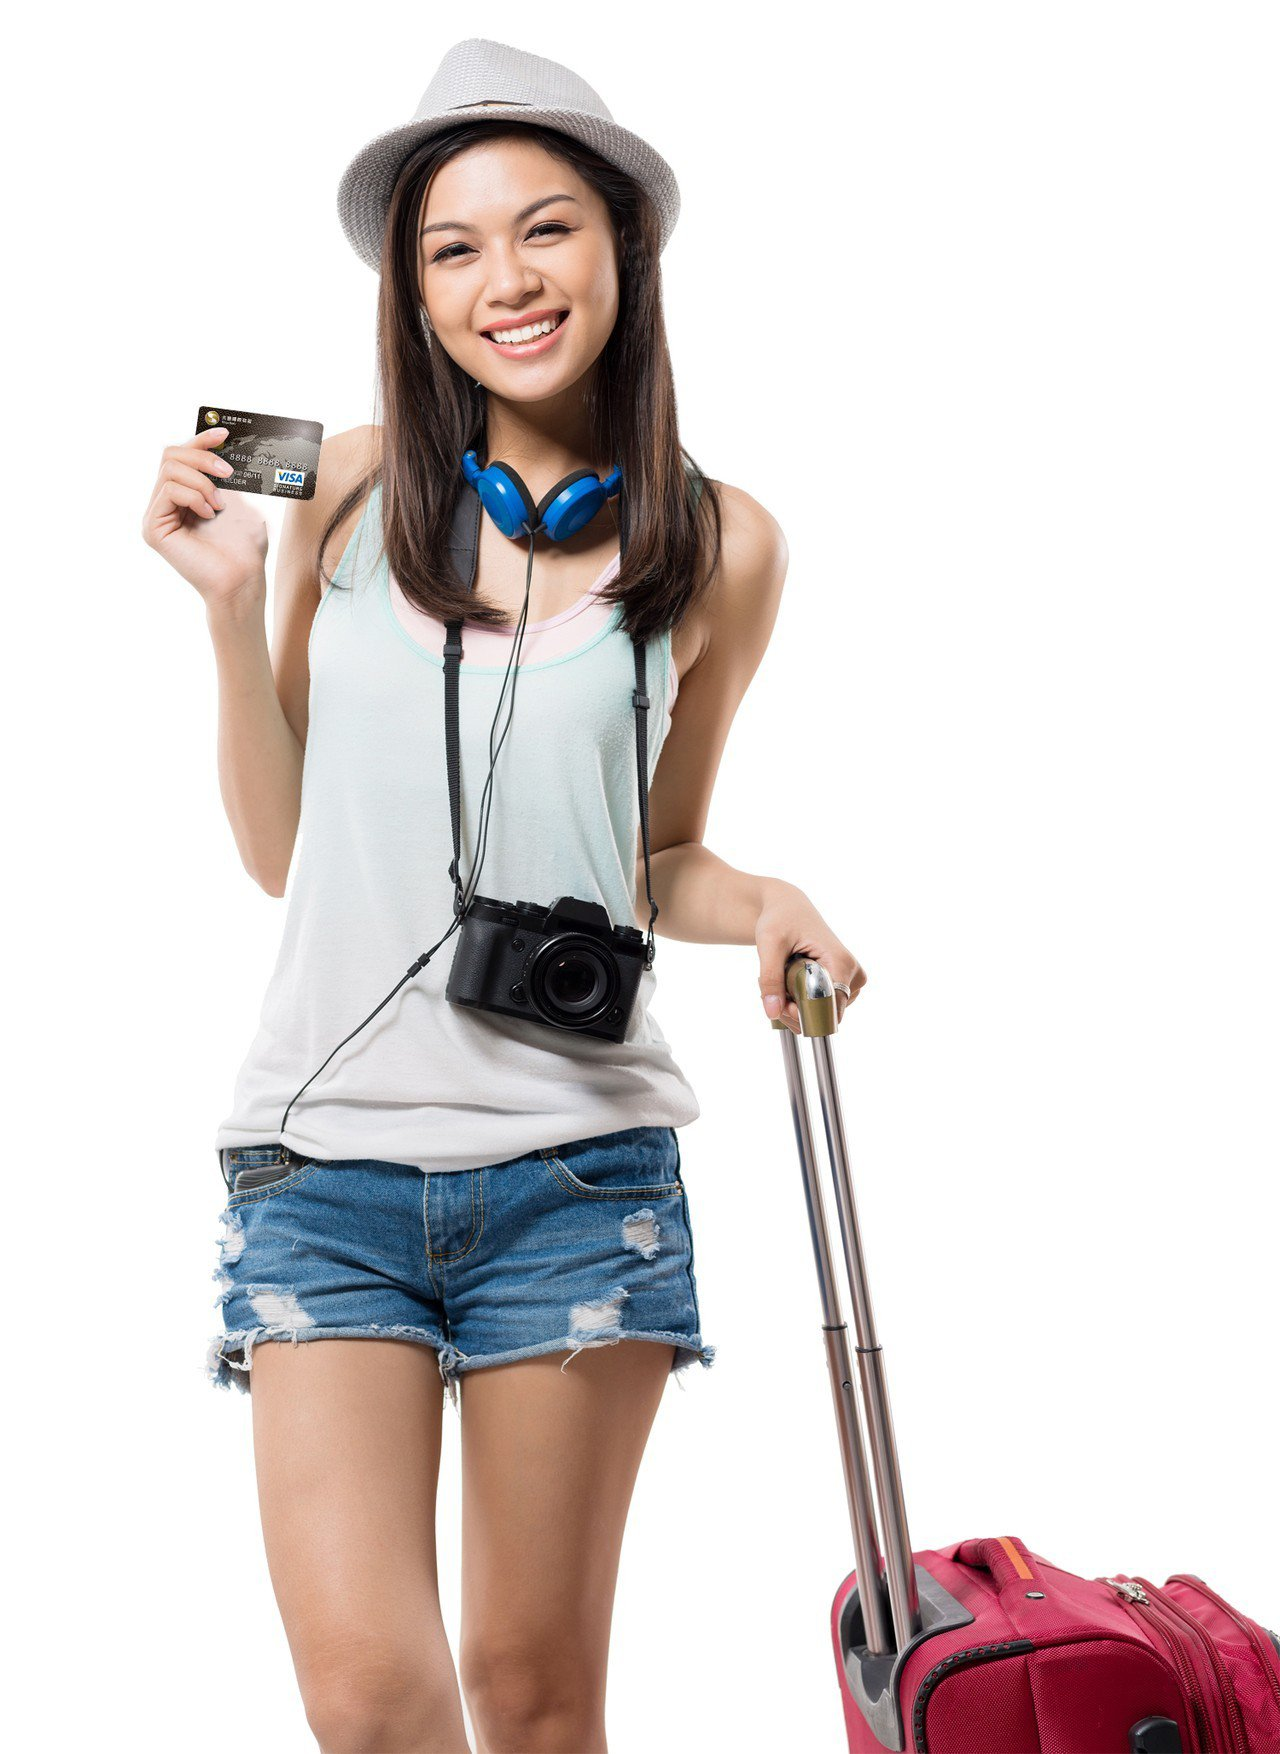 兆豐「利多御璽卡」釋利多,日、韓消費最高享3%現金回饋。圖/兆豐銀行提供